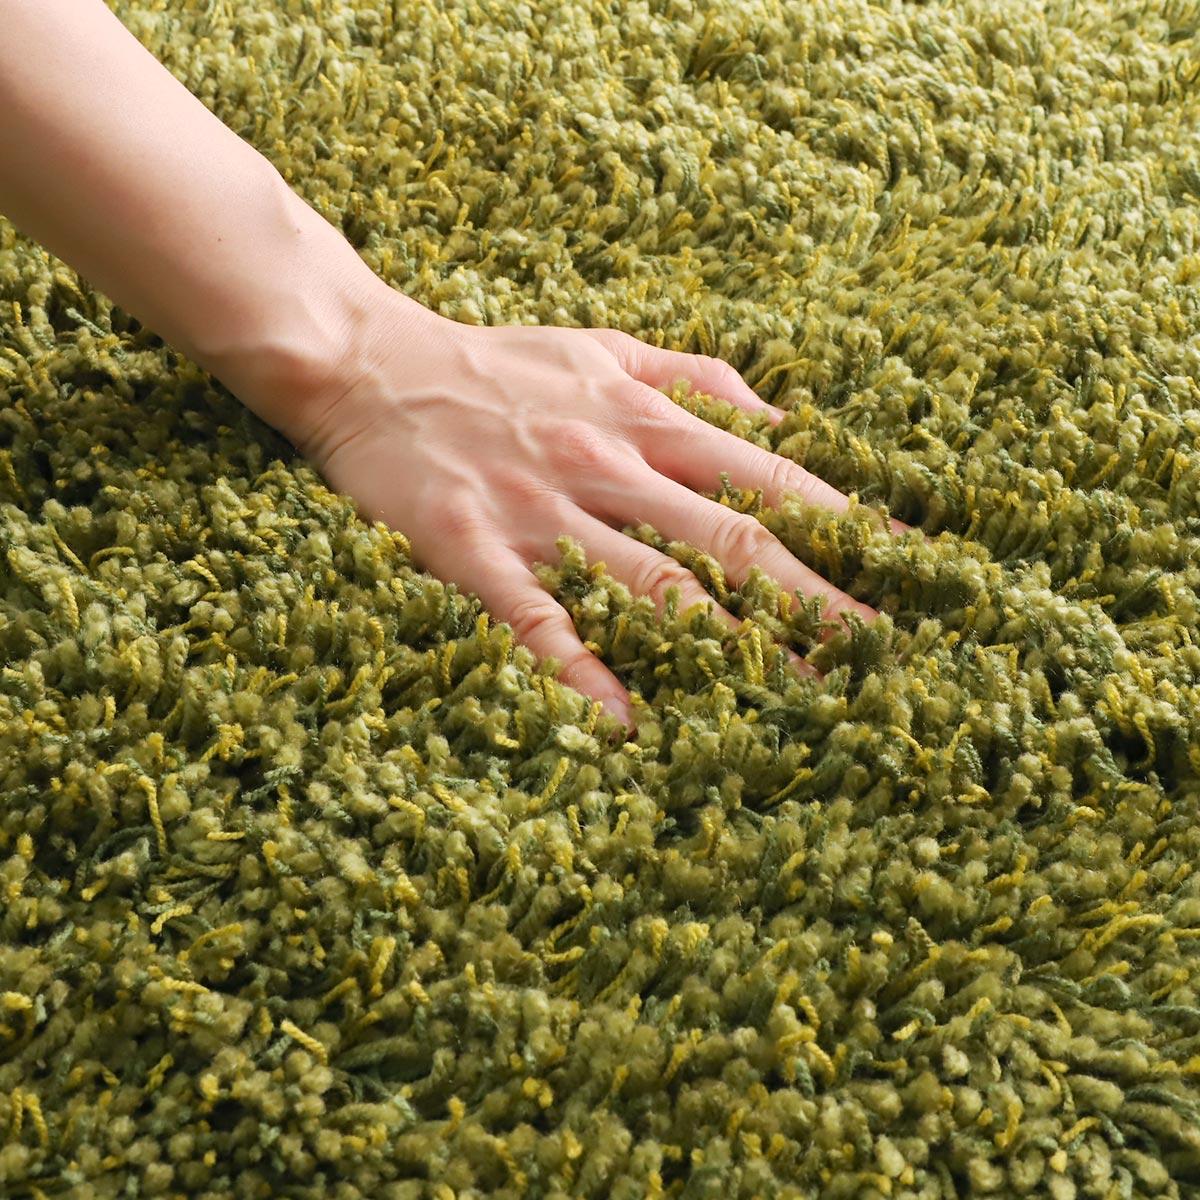 100サイズ 糸の太さや色が異なる質感が気持ちいい国産シャギーカーペット【ブルーム】